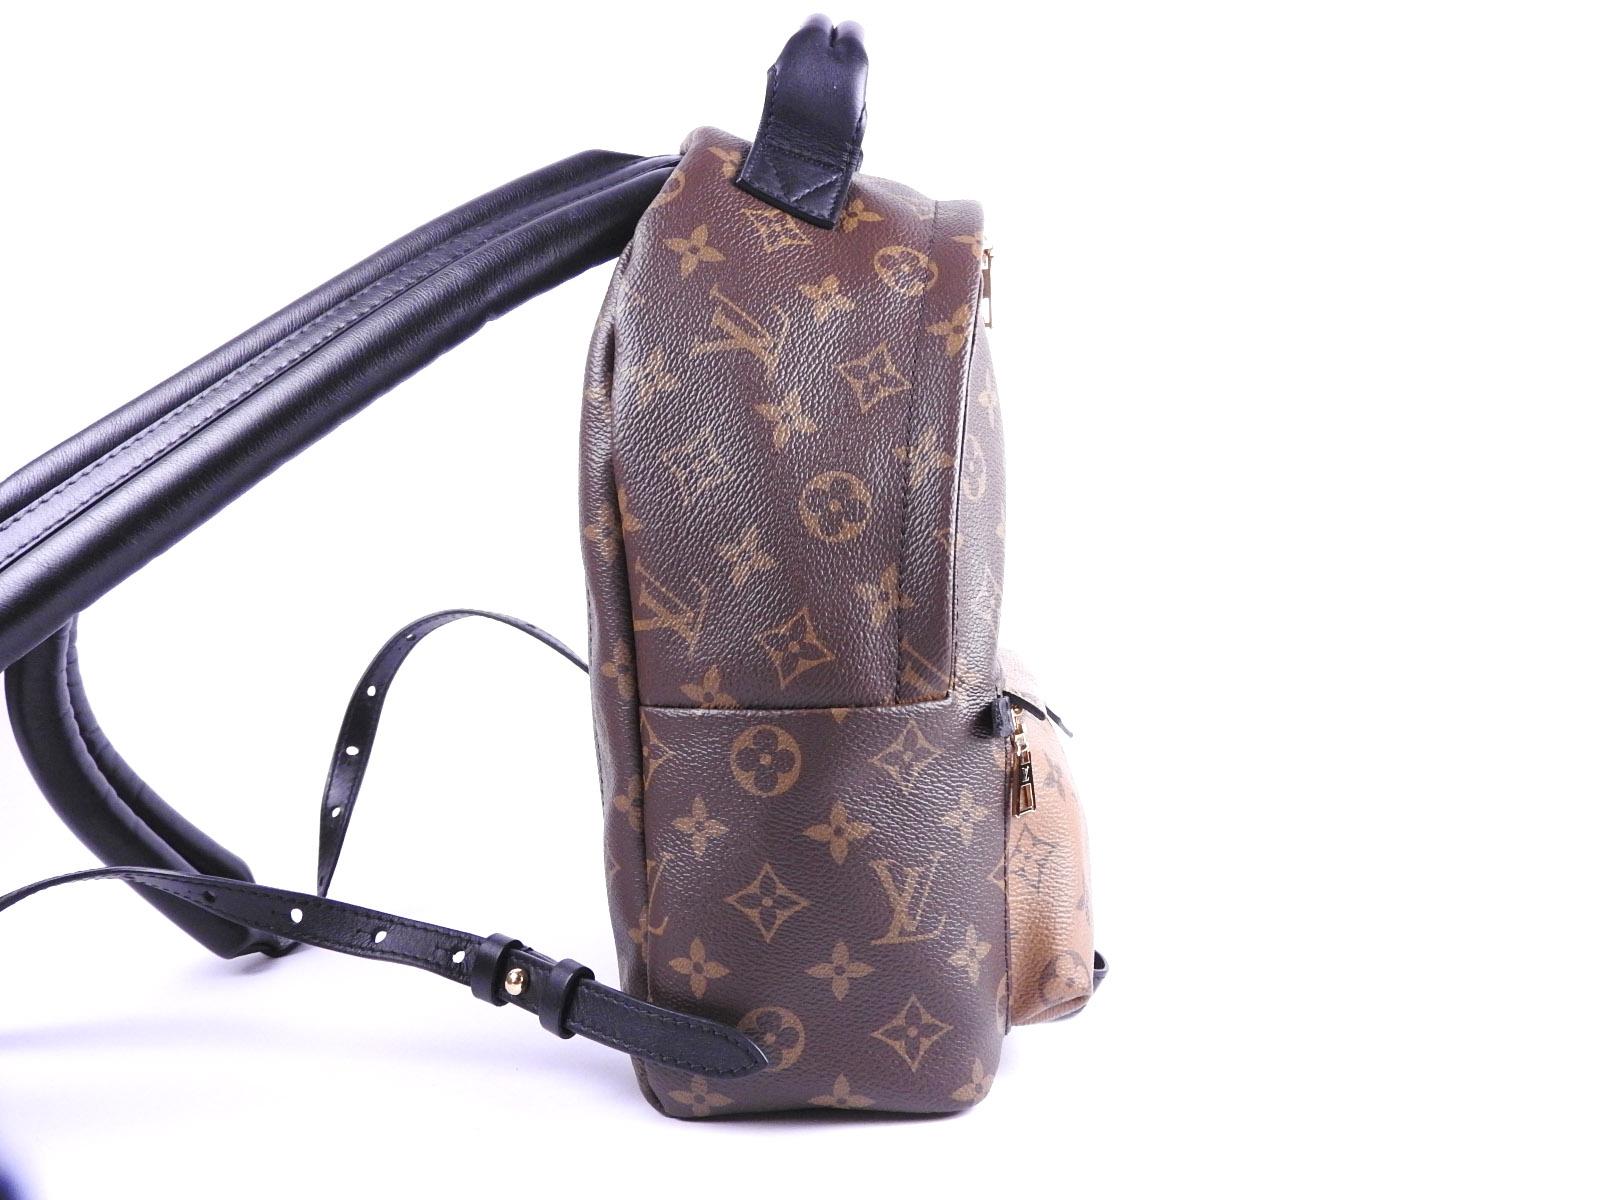 c5f40ea976c4 Auth LOUIS VUITTON Palm Springs Backpack PM Monogram Reverse Noir ...